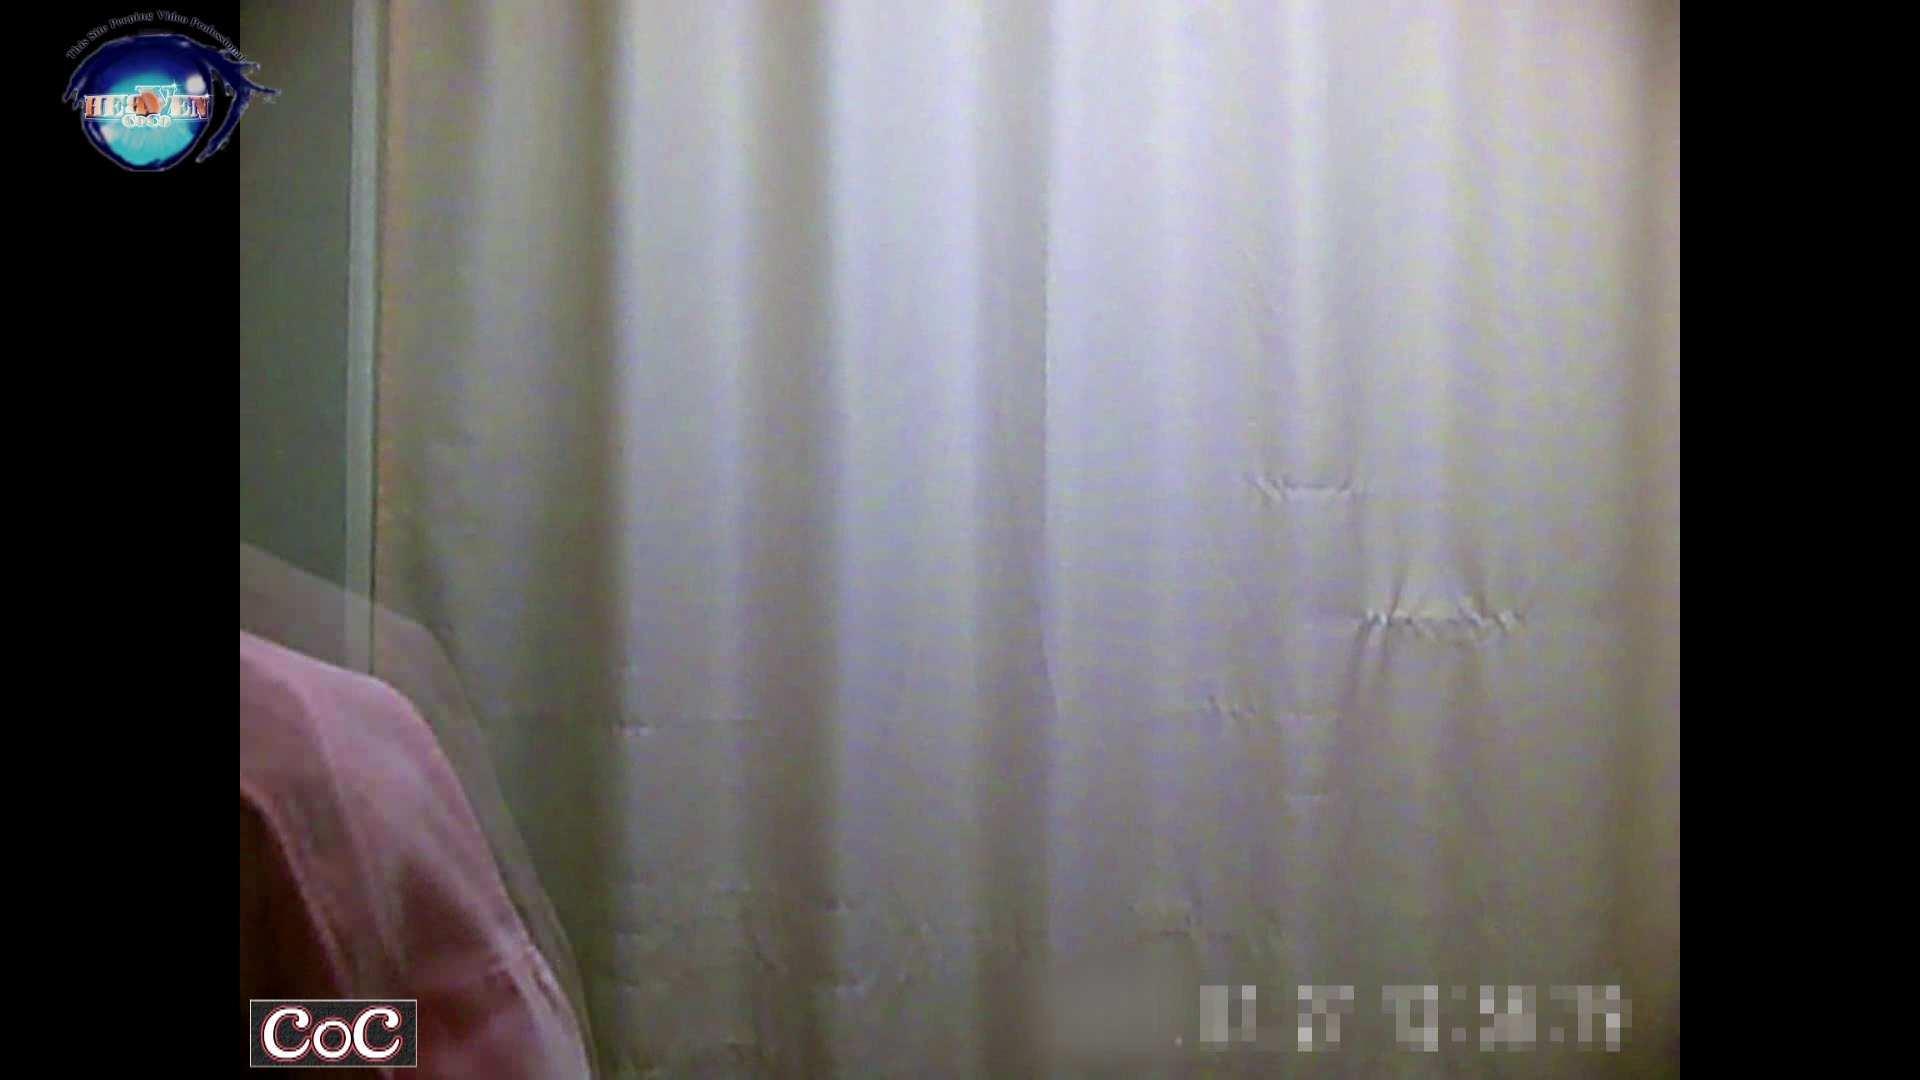 激ヤバ健康診断!着替えの一部始終.vol.06 ※本編ボカシ・目線無し ナースのエロ動画 | 着替え のぞき 105PIX 26